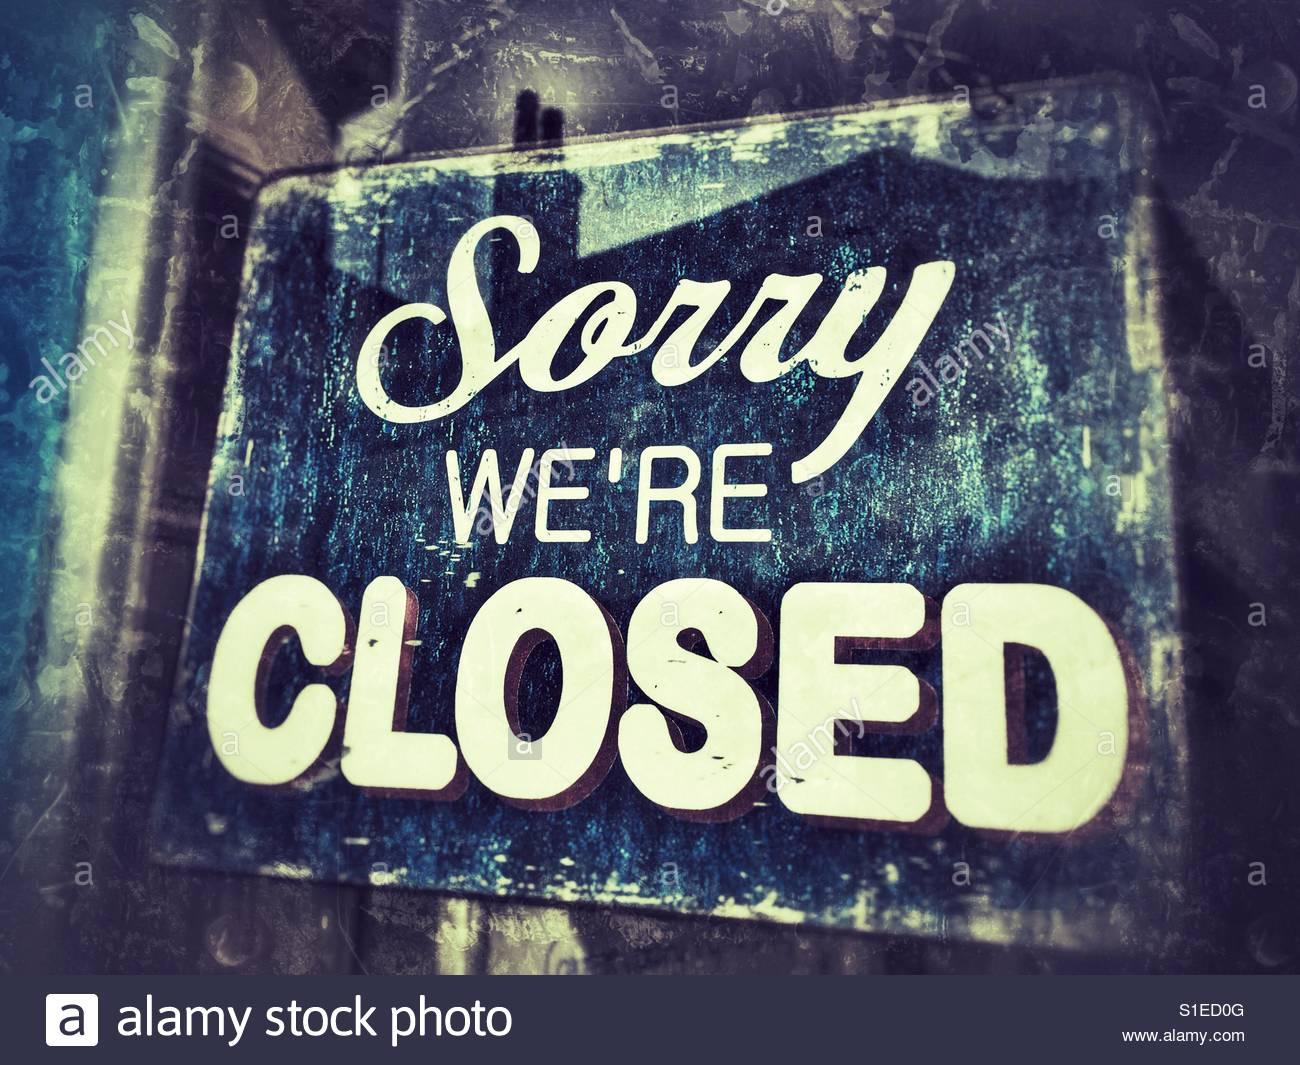 sorry-were-closed-sign-in-shop-door-window-S1ED0G.jpg